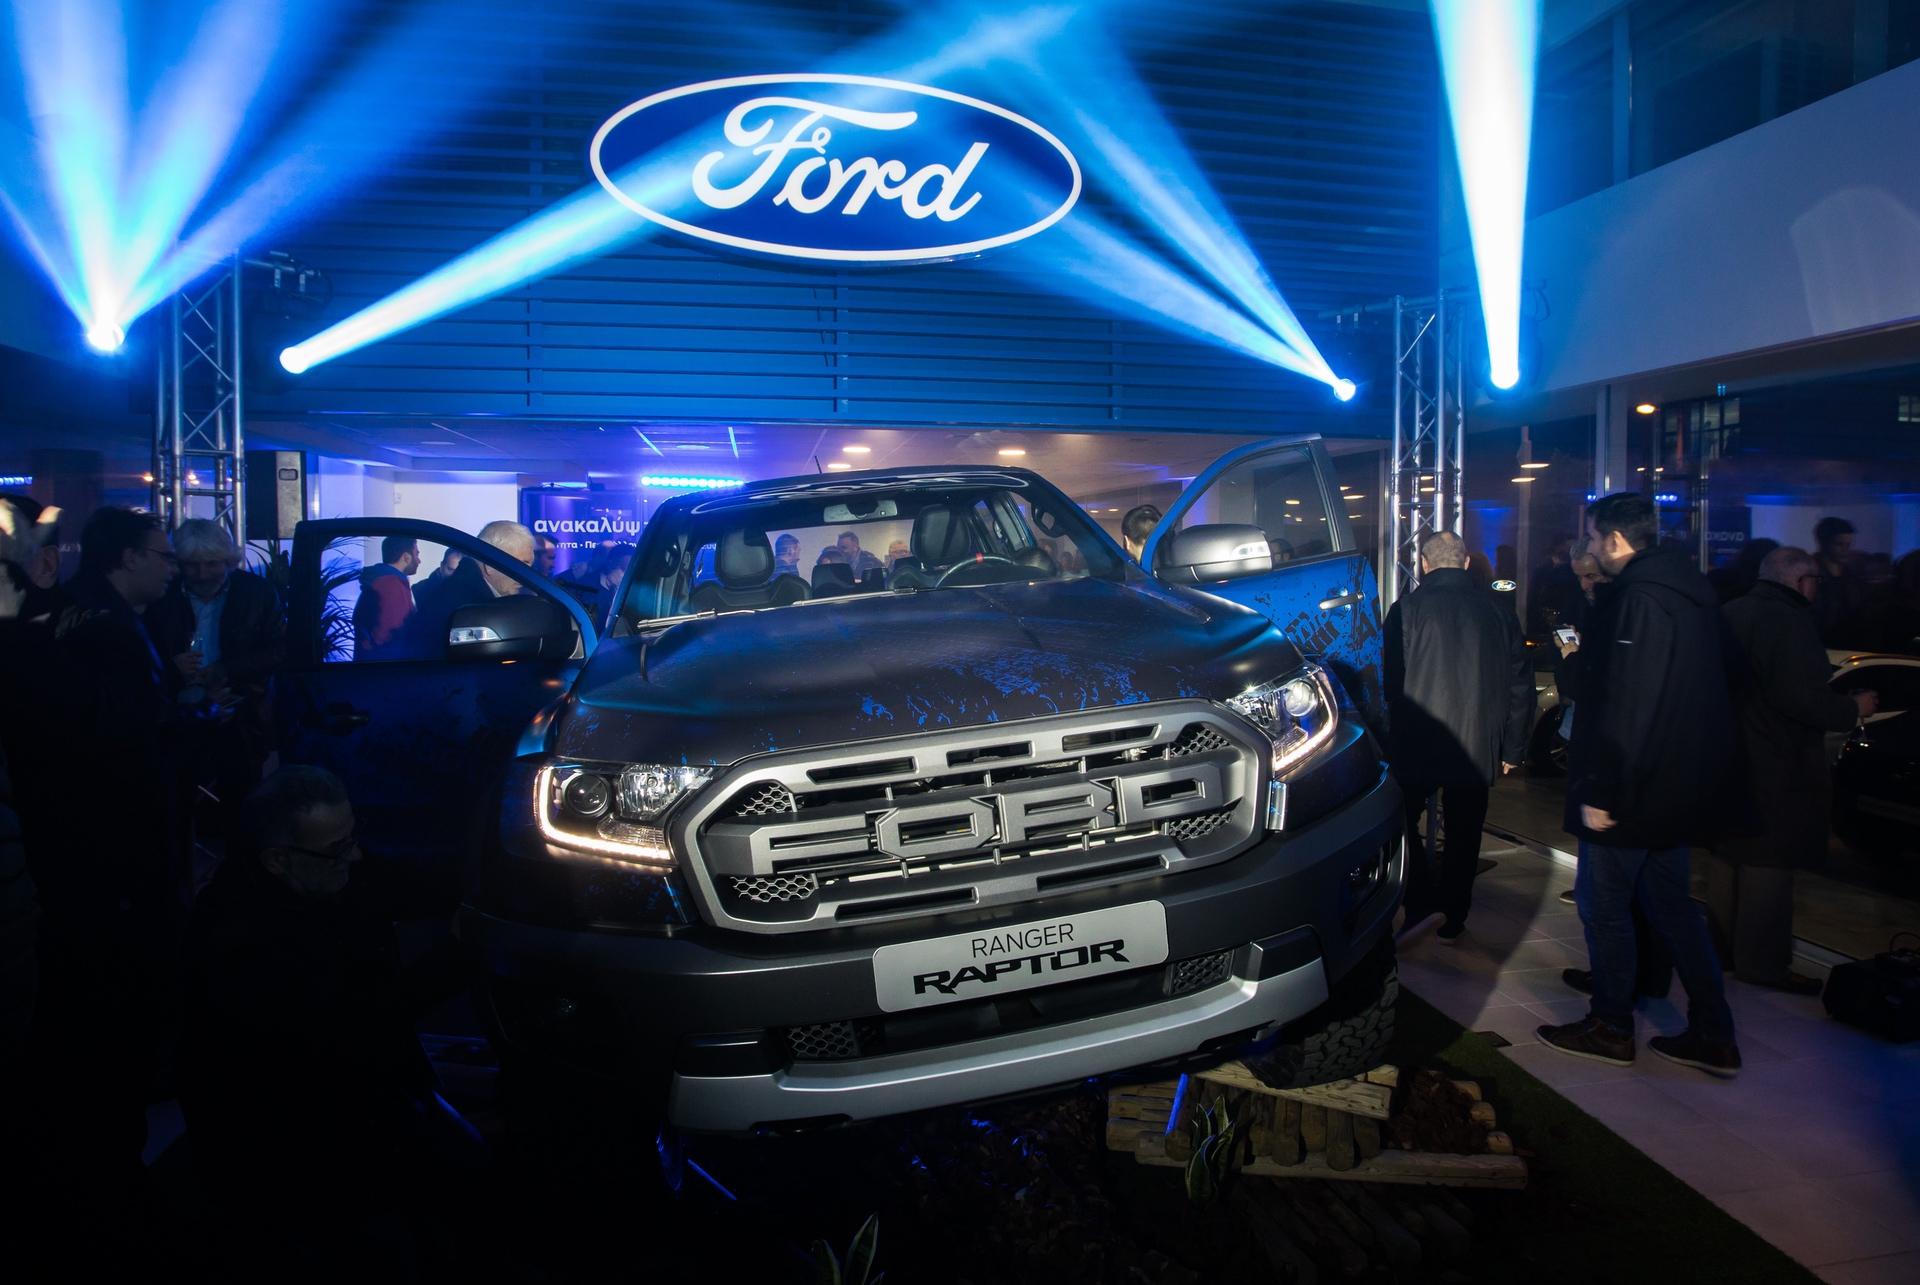 Ford_Ranger_Raptor_greek_resentation_0046